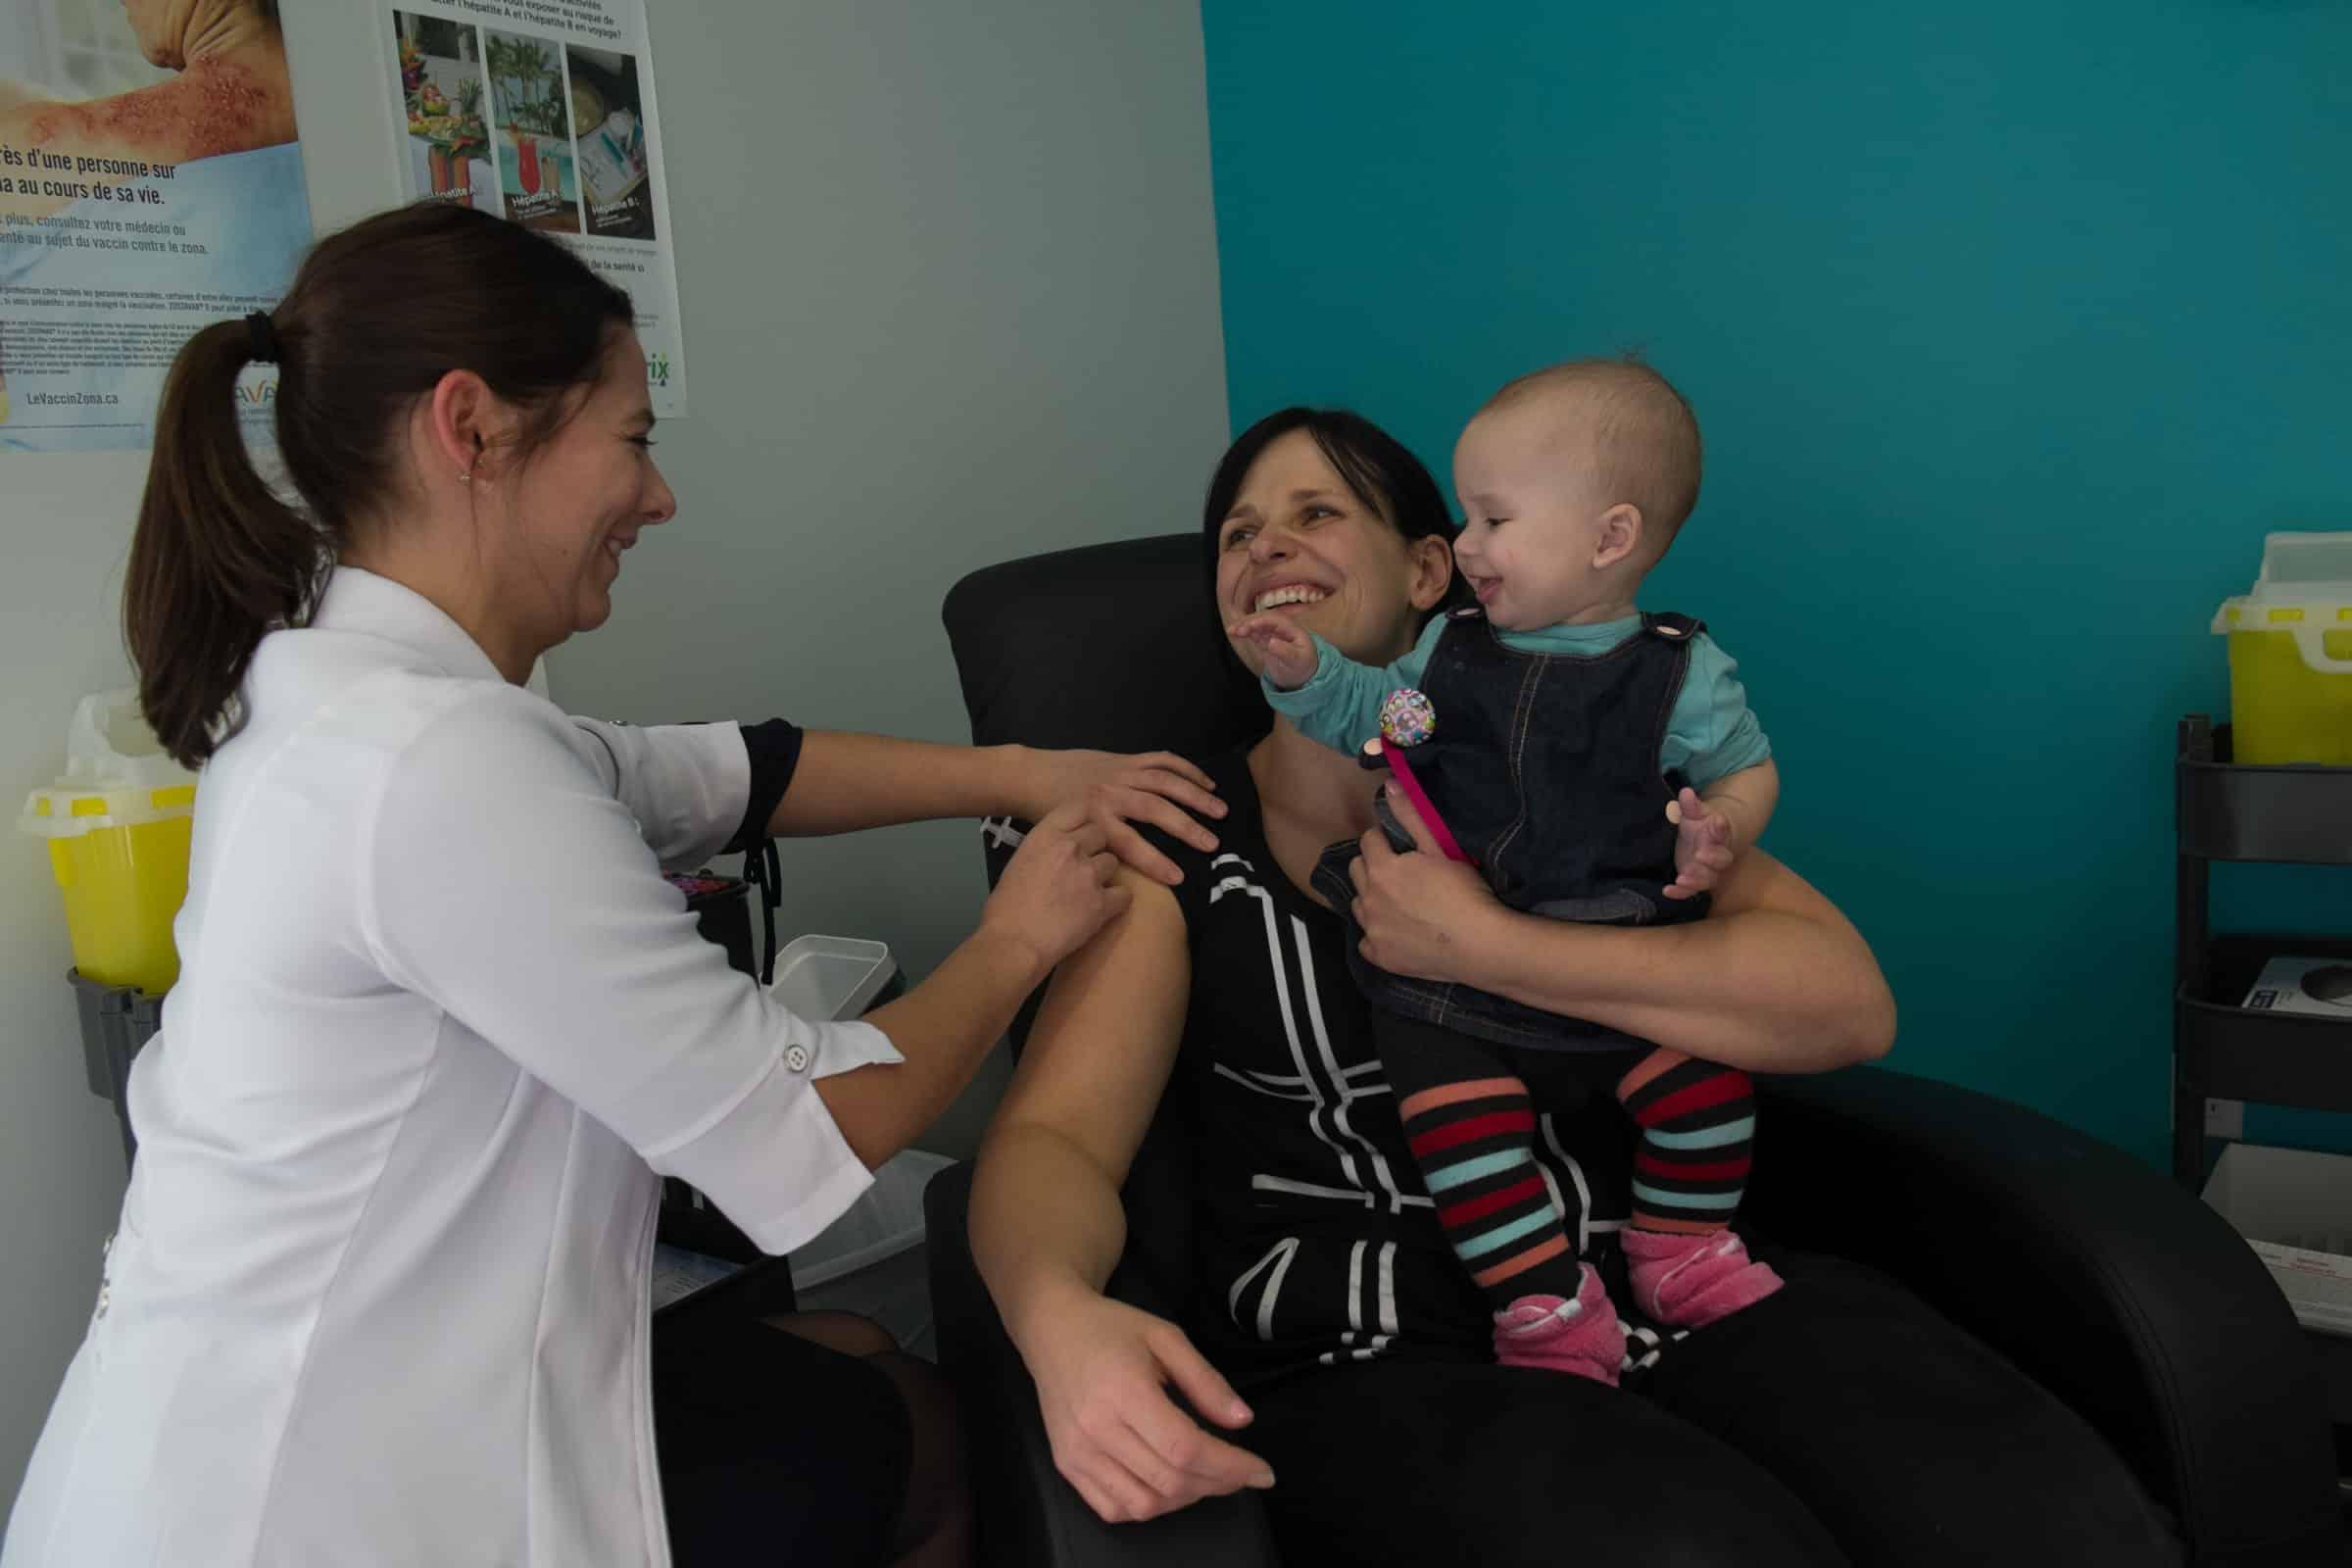 Quebec Exit Le Medecin De Famille Place A L Infirmiere